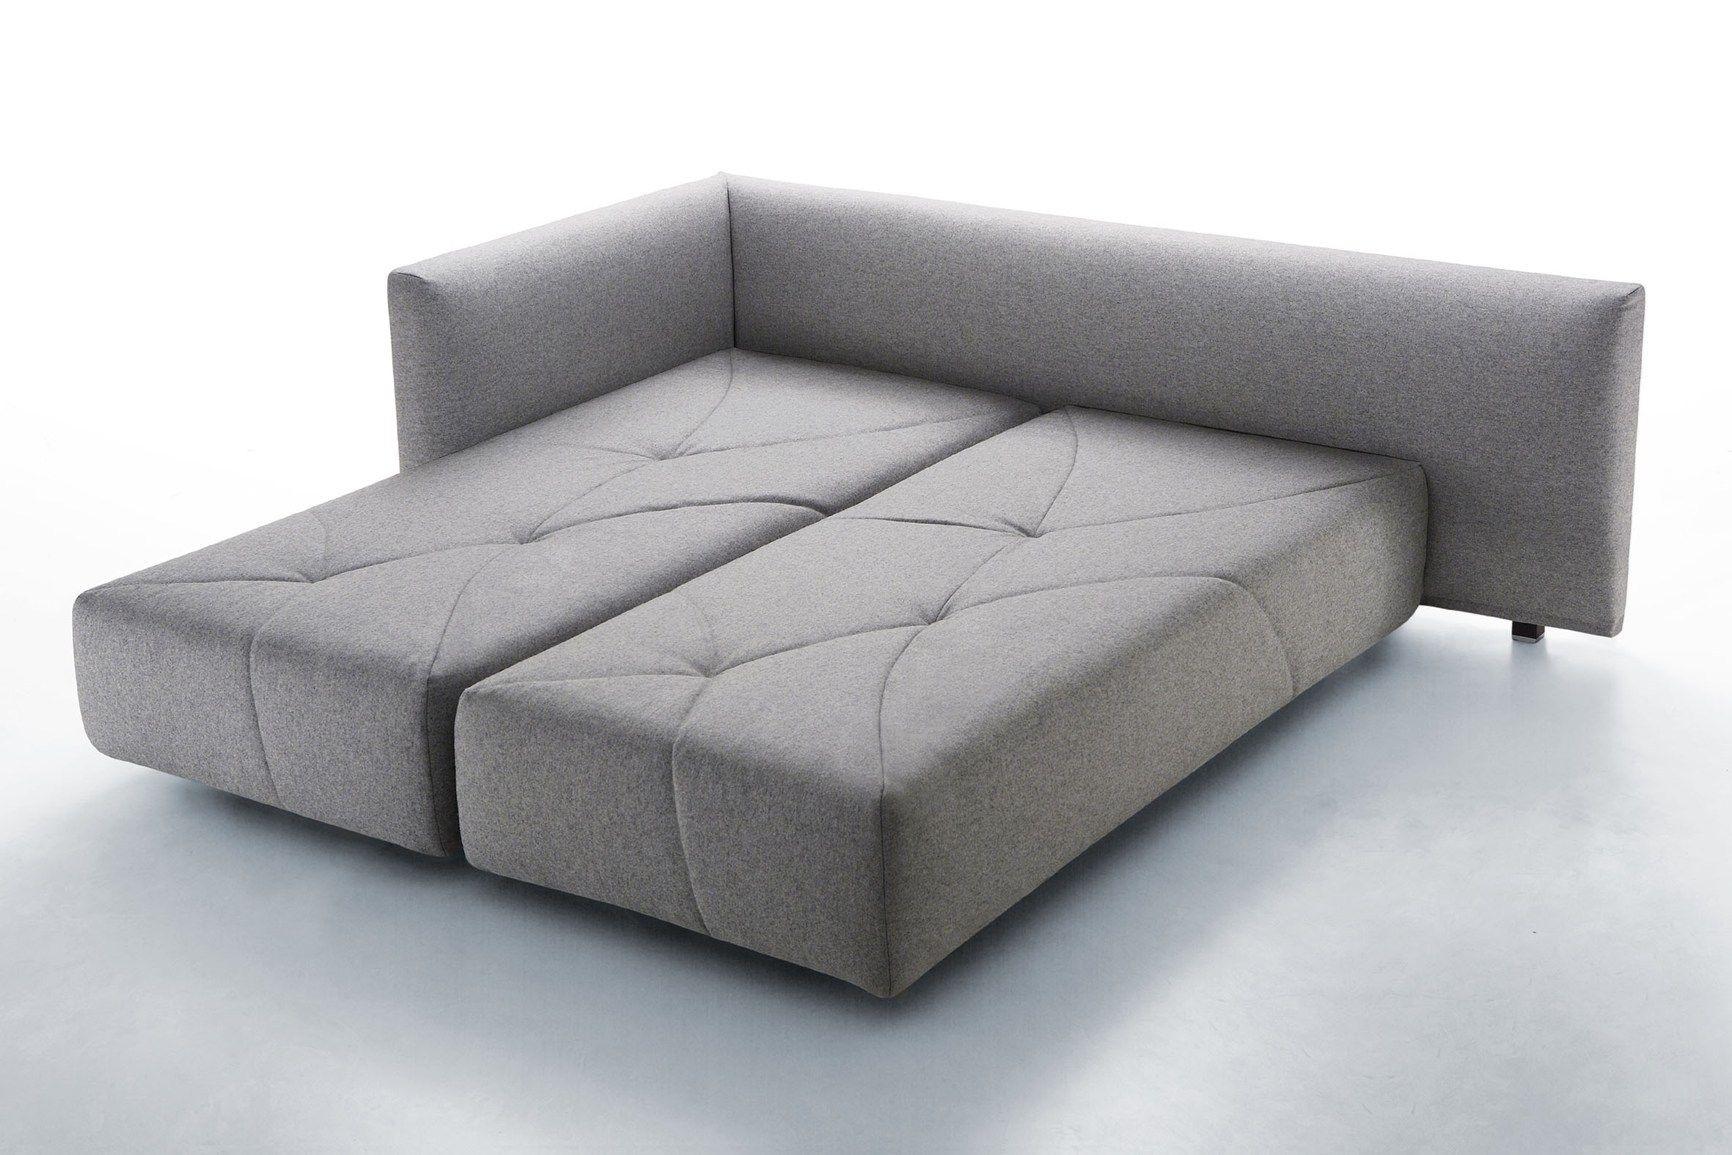 Divano Trasformabile Design.Design You Edit Presenta Il Divano Trasformabile Bedbed